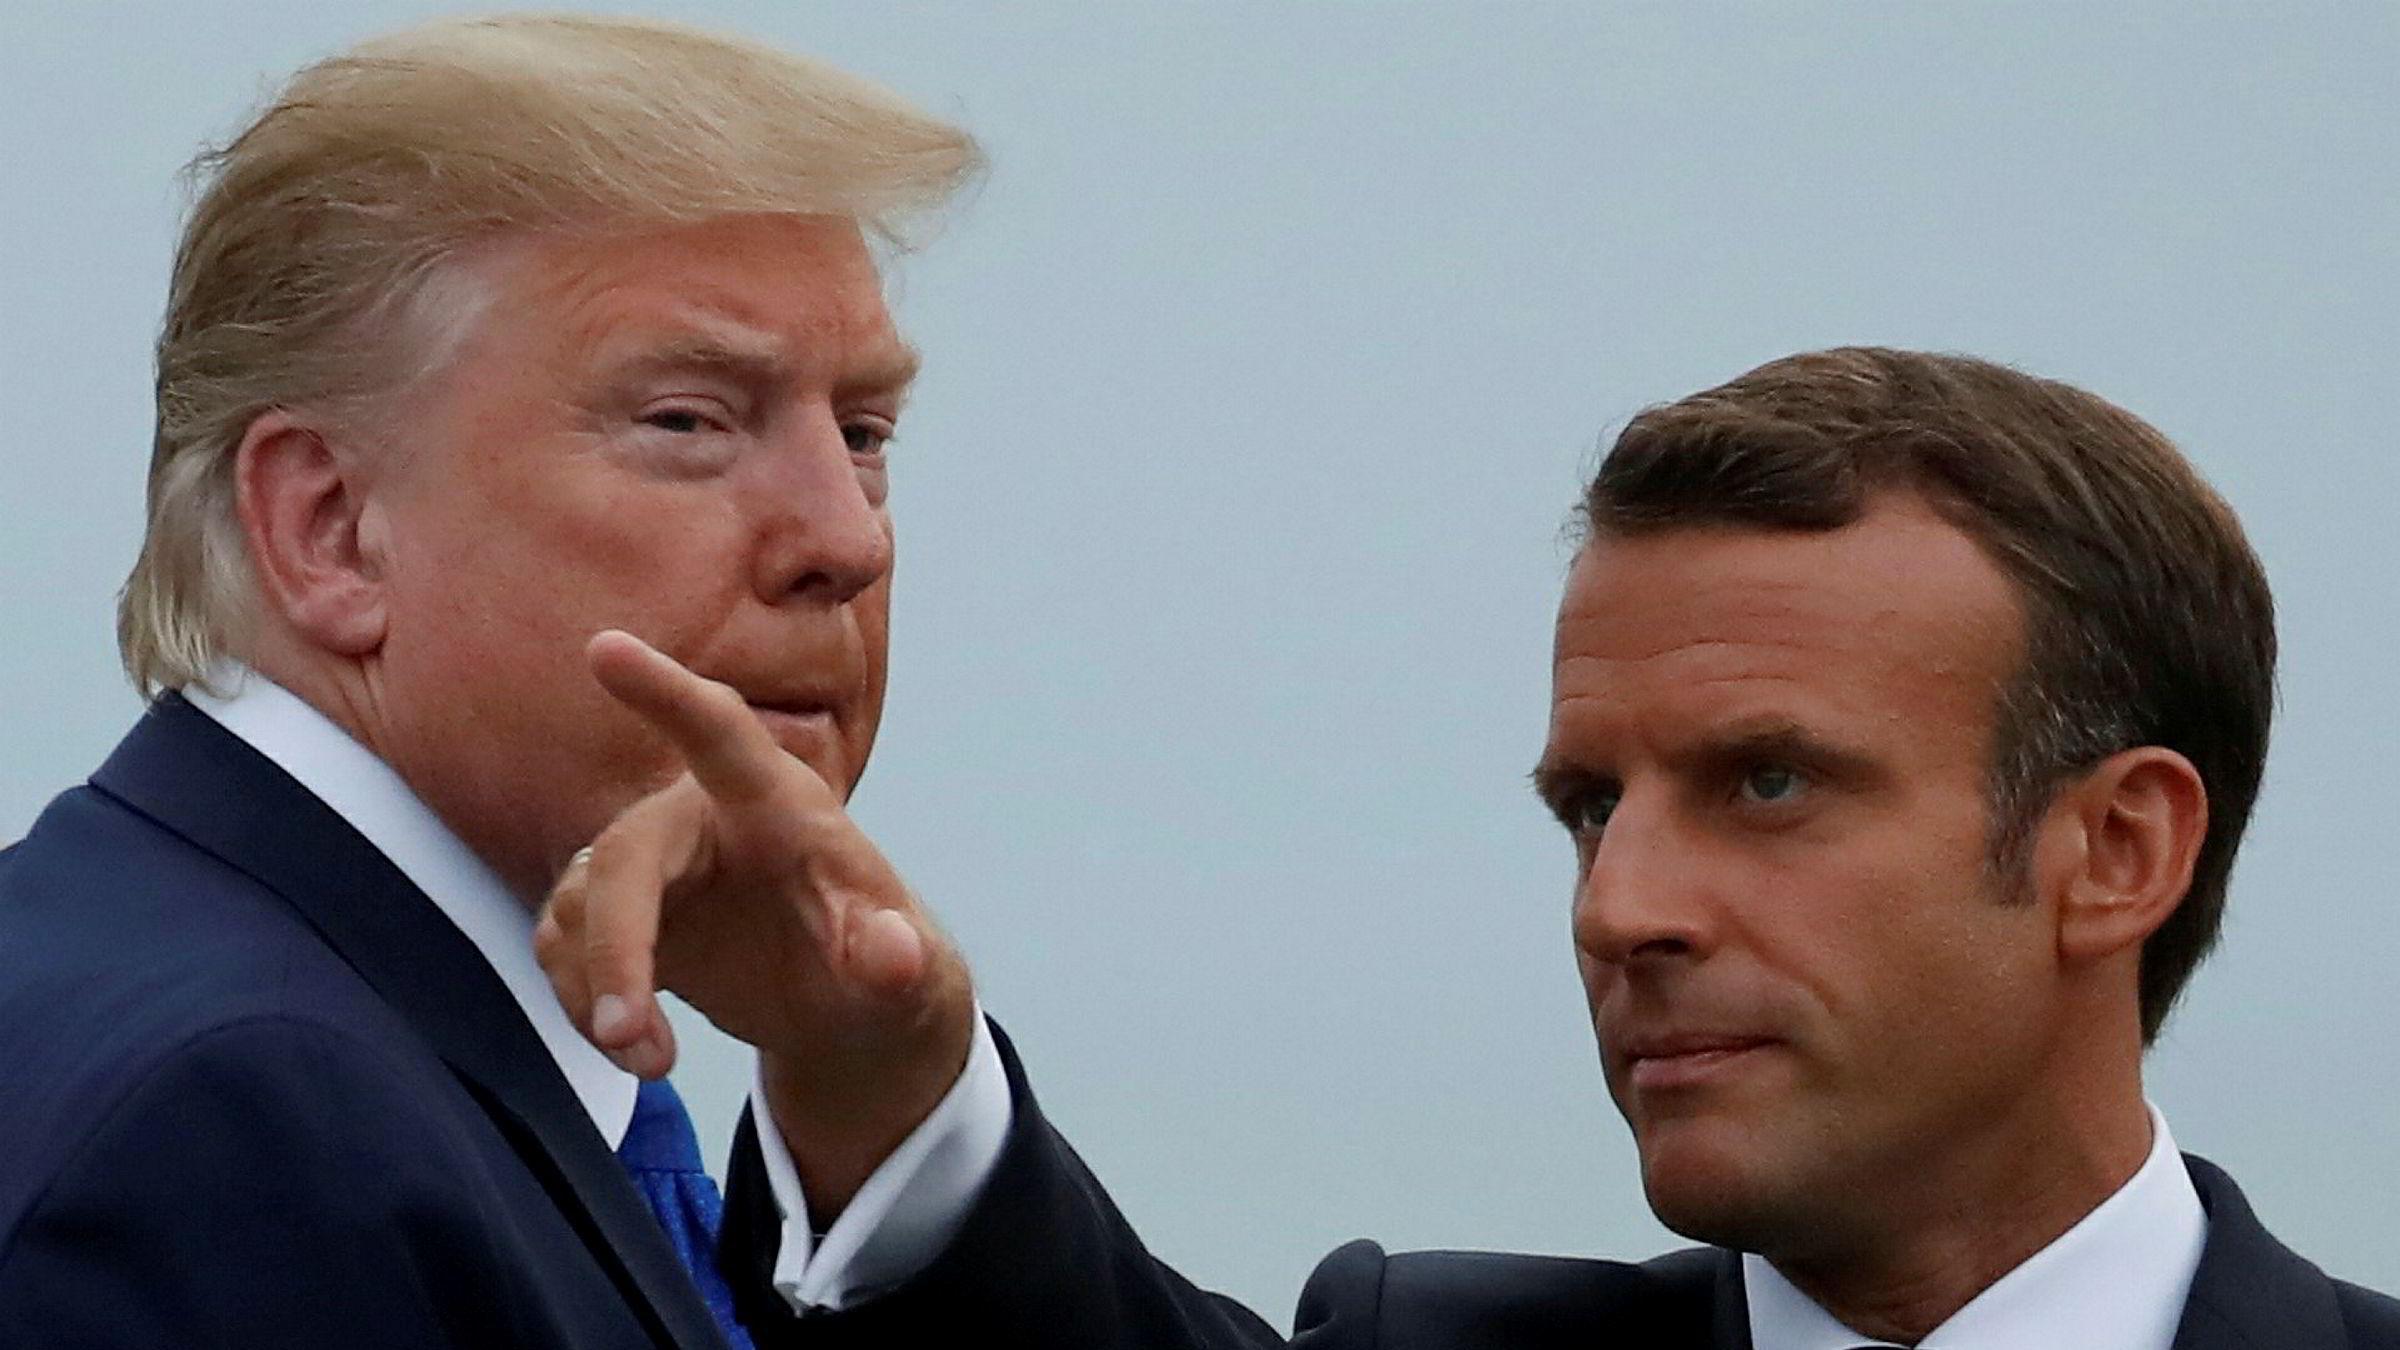 Frankrikes president Emmanuel Macron advarte president Donald Trump om at IS kan gjenoppstå. Bildet er fra da de møttes på G7-toppmøtet i august.